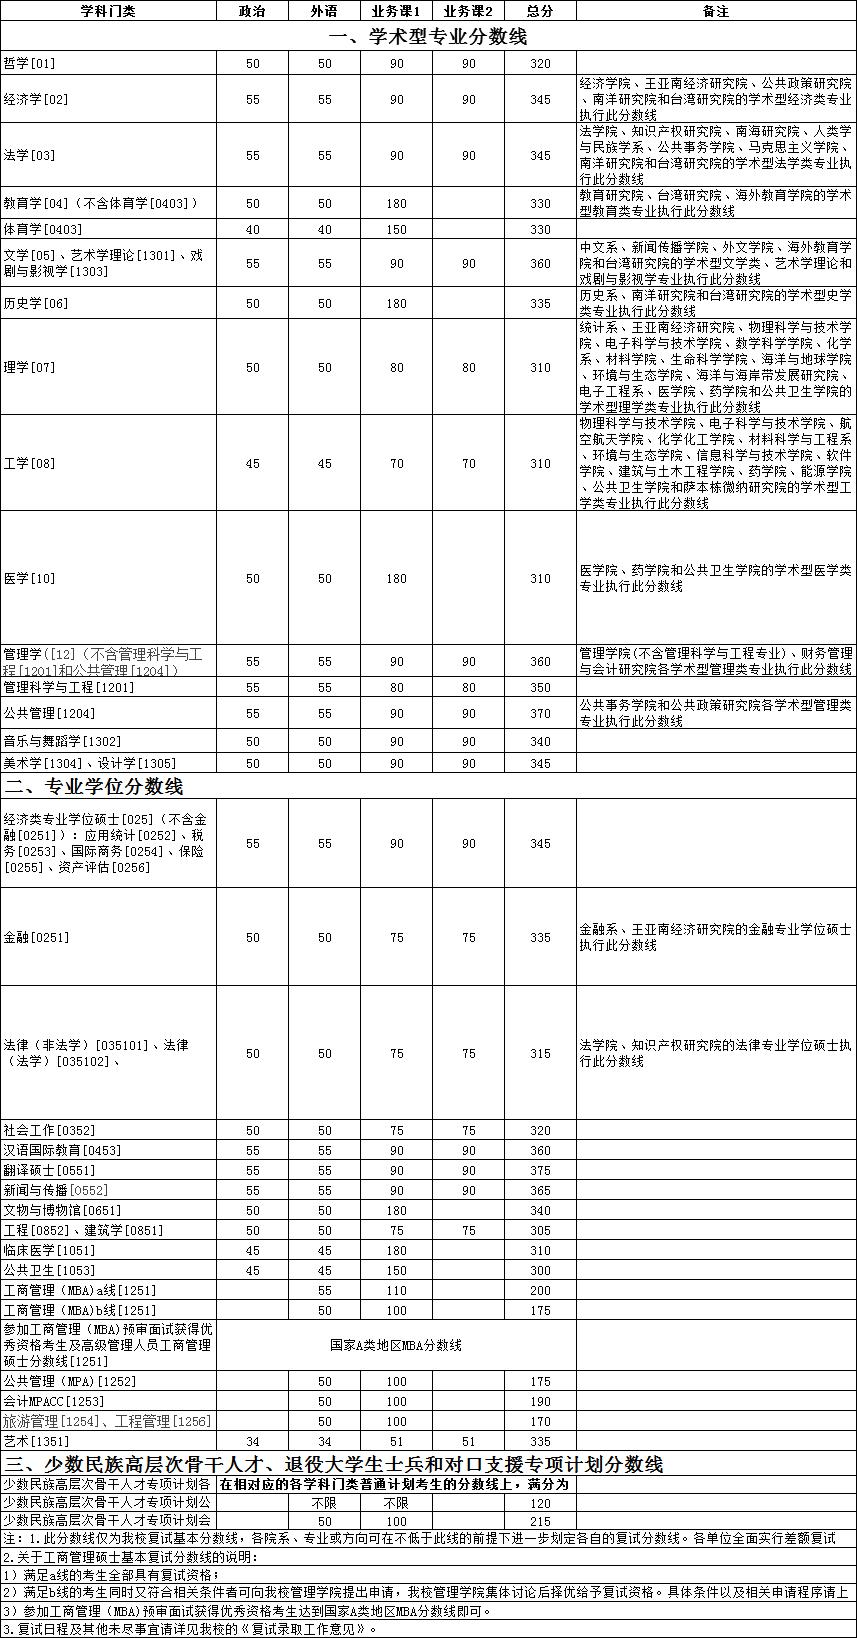 快讯:厦门大学2018年考研复试分数线公布